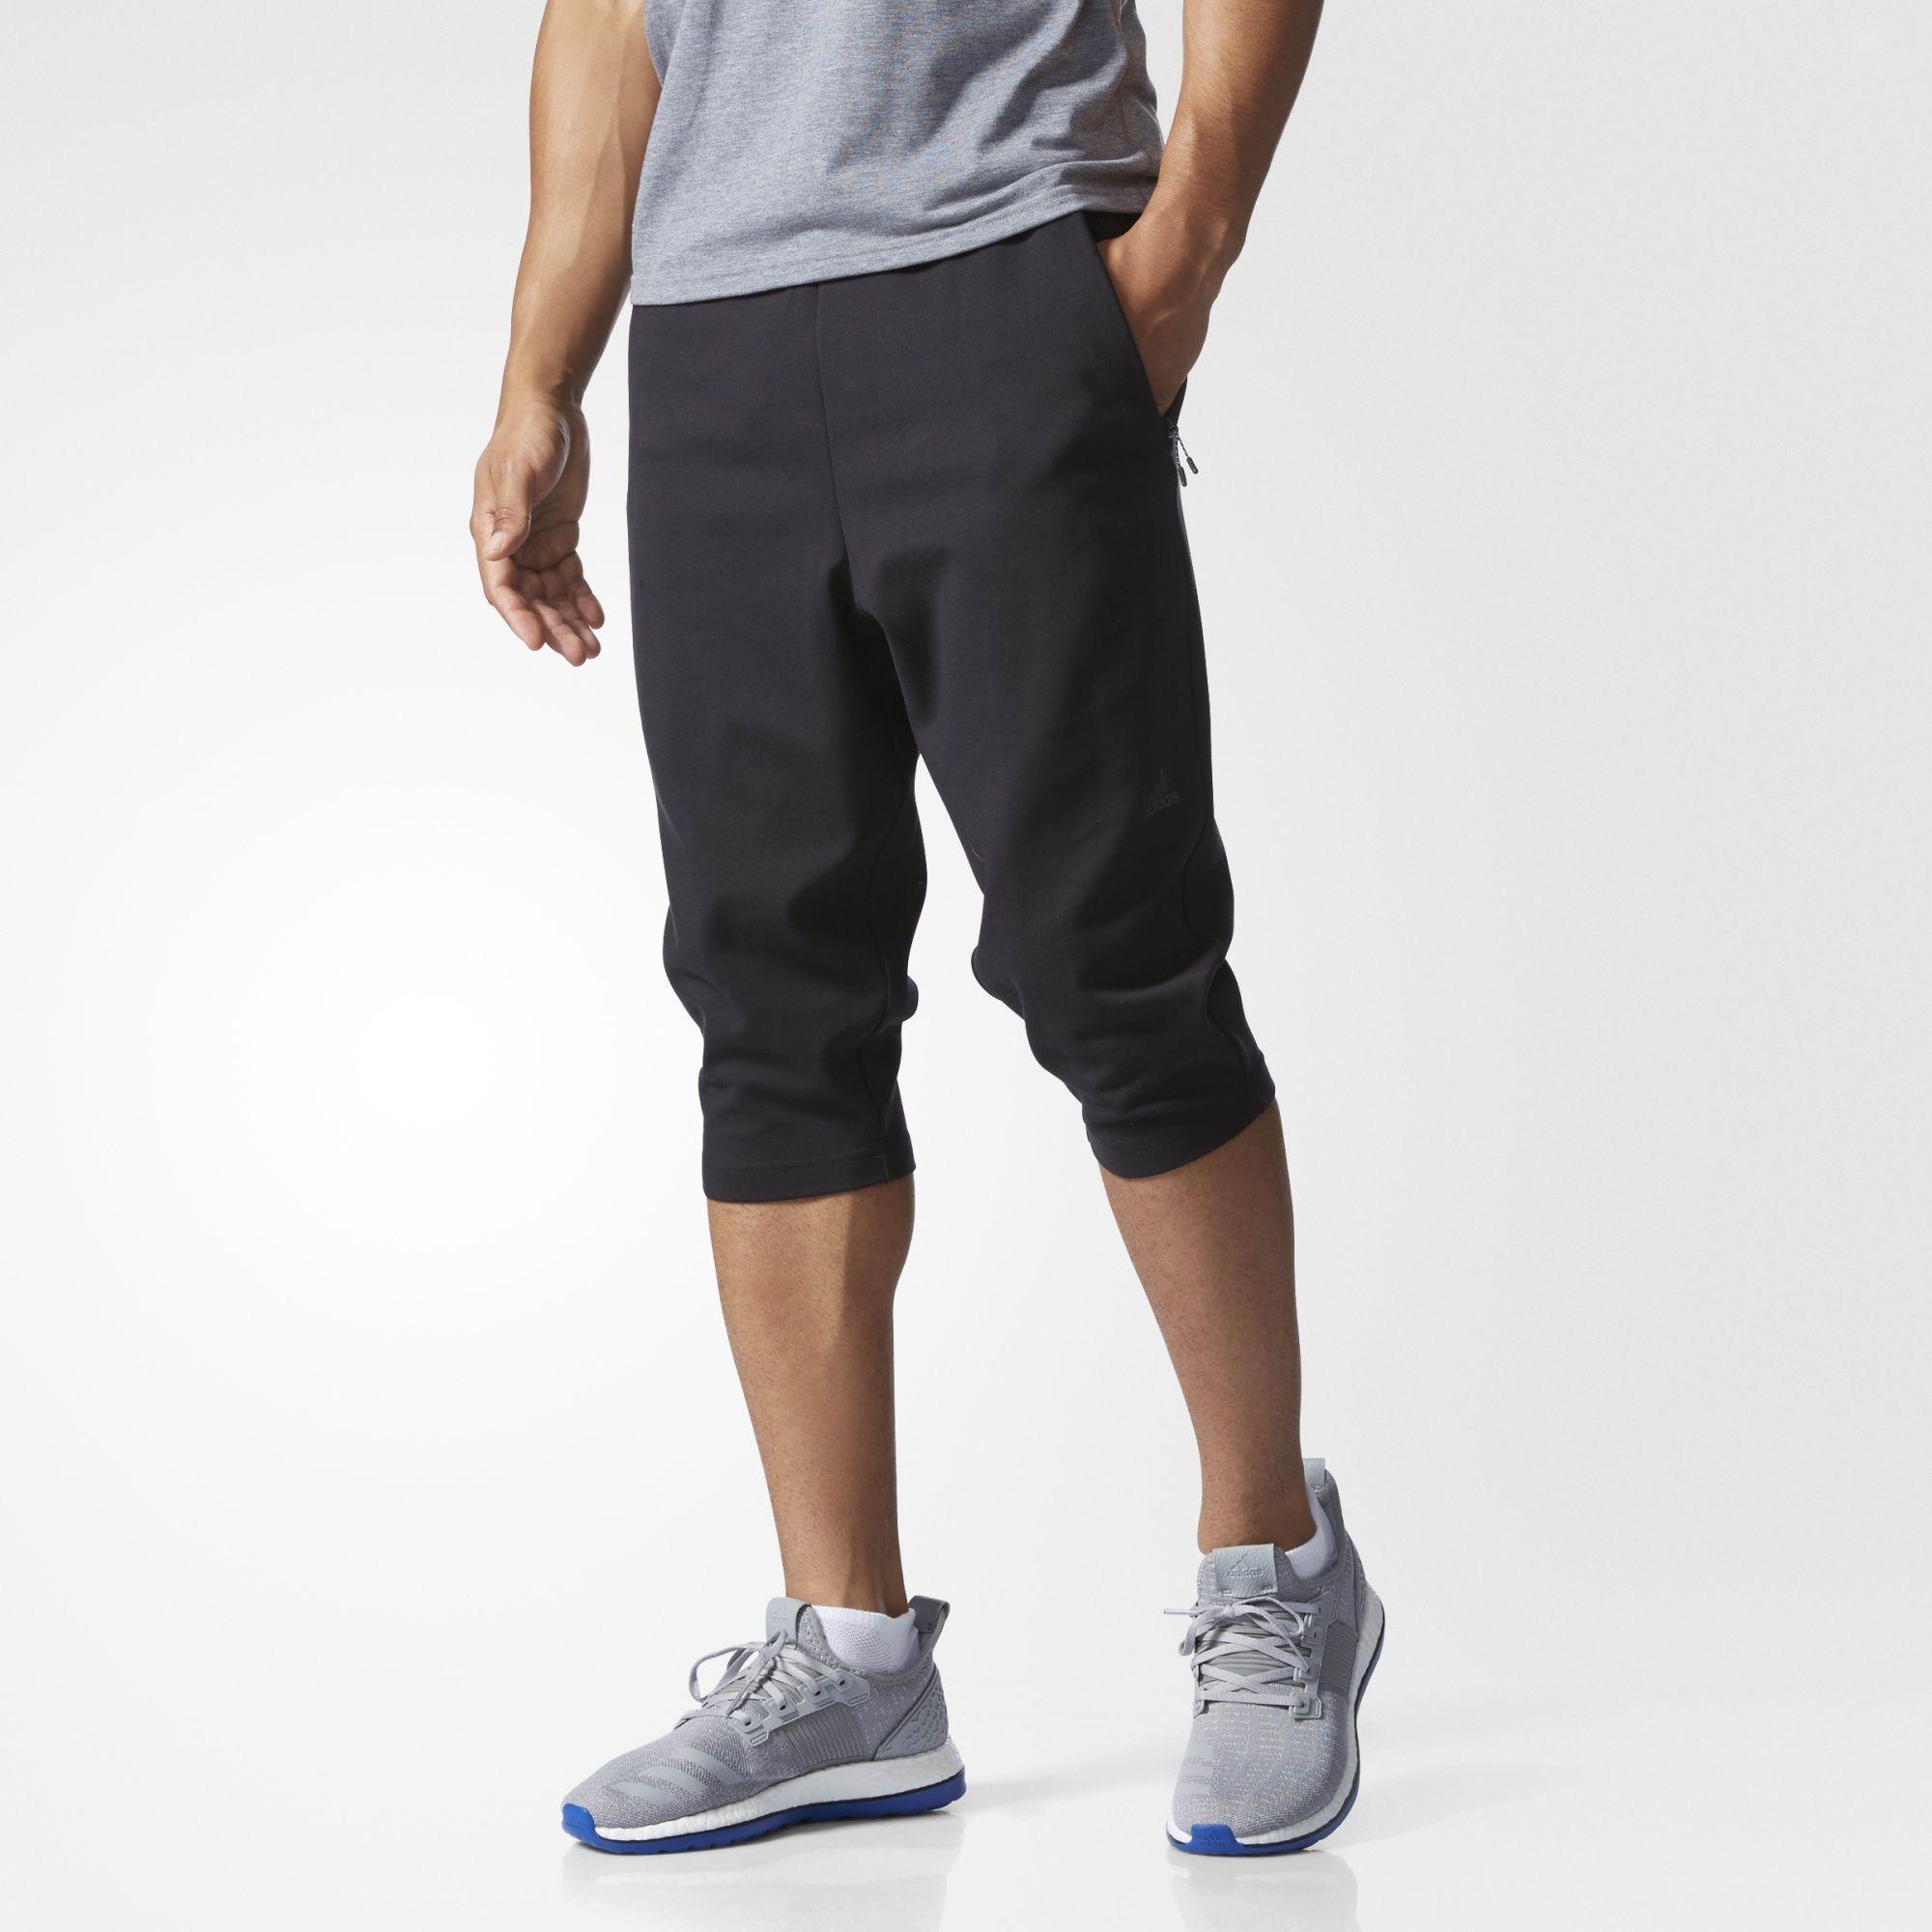 adidas - Z.N.E. Three-Quarter Pants